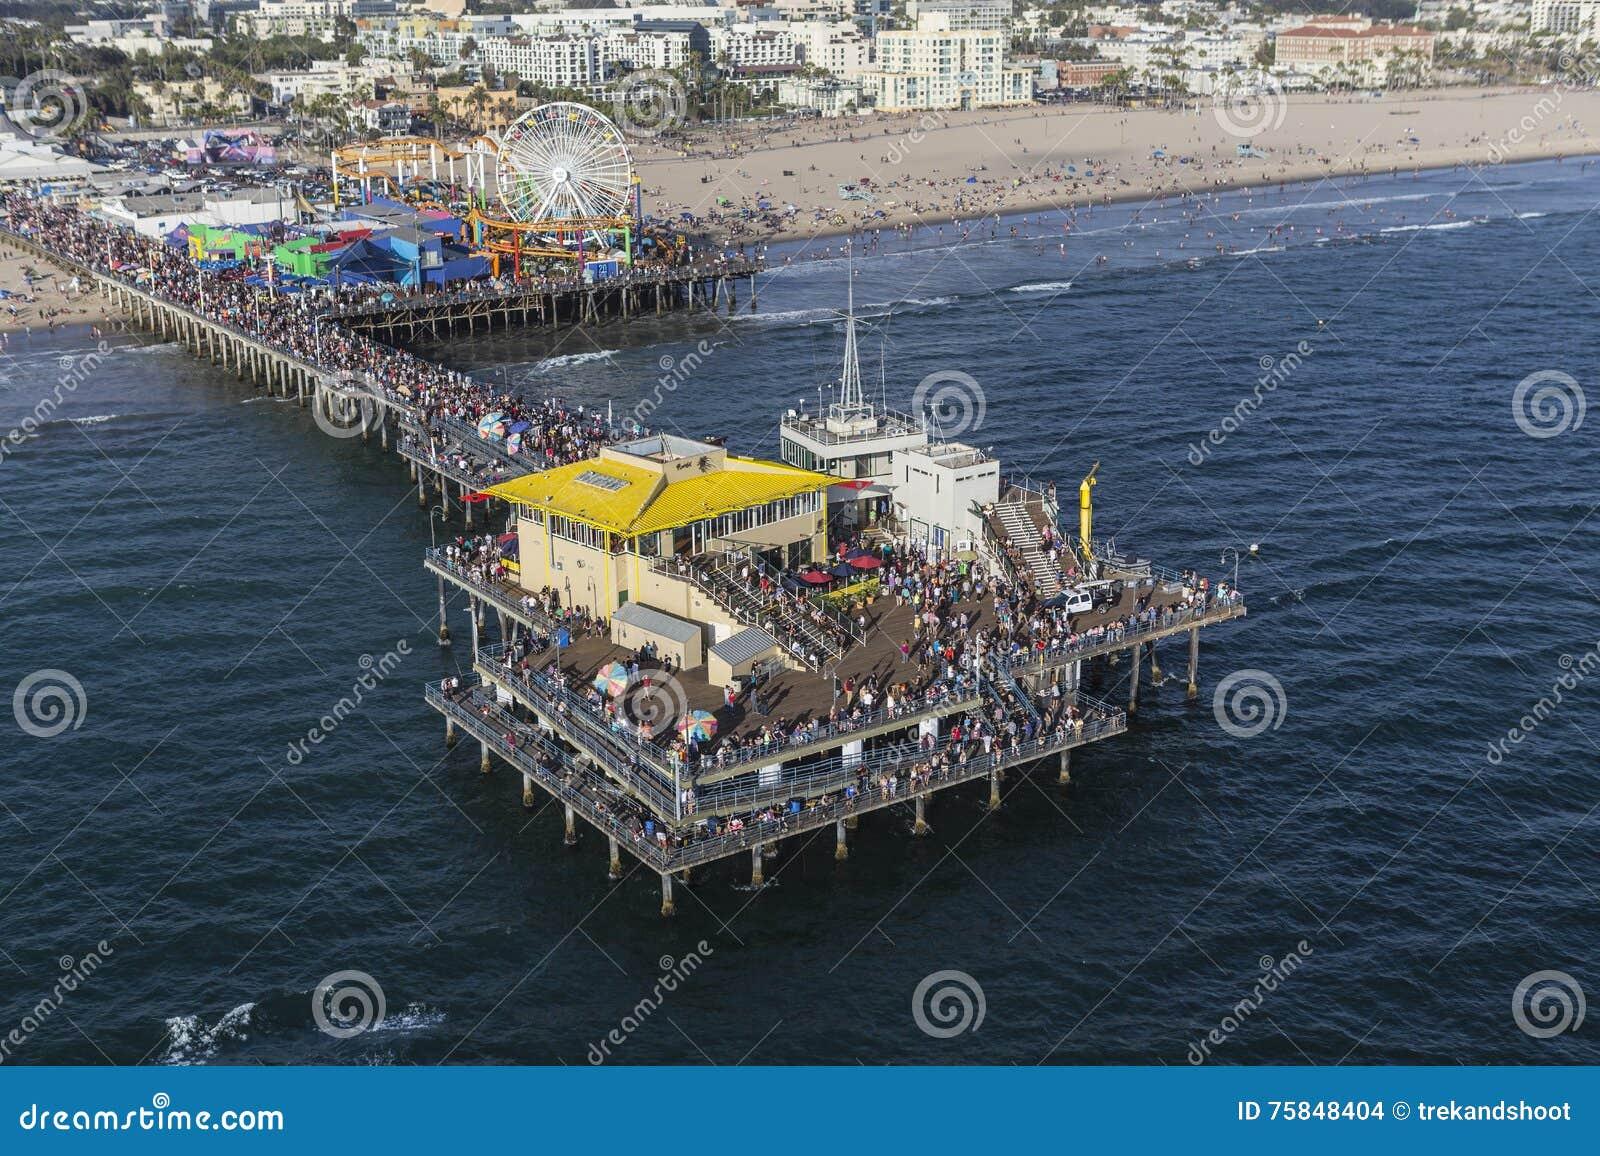 Santa Monica Pier Summer Weekend Crowds Aerial